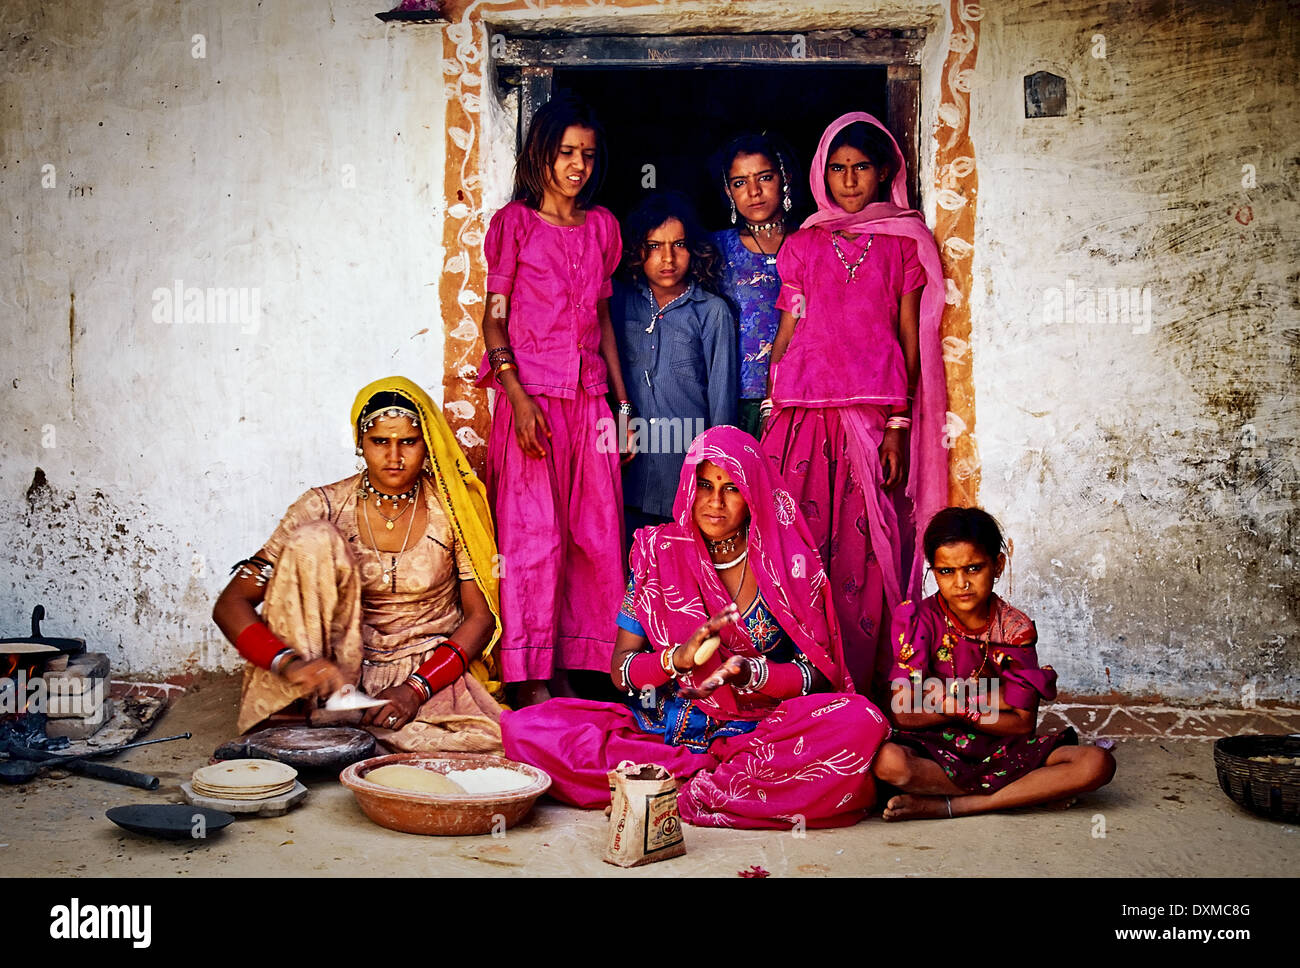 Village indien dans la famille d'une porte dans un village près de Jodhpur, Inde. Image manipulée numériquement. Photo Stock